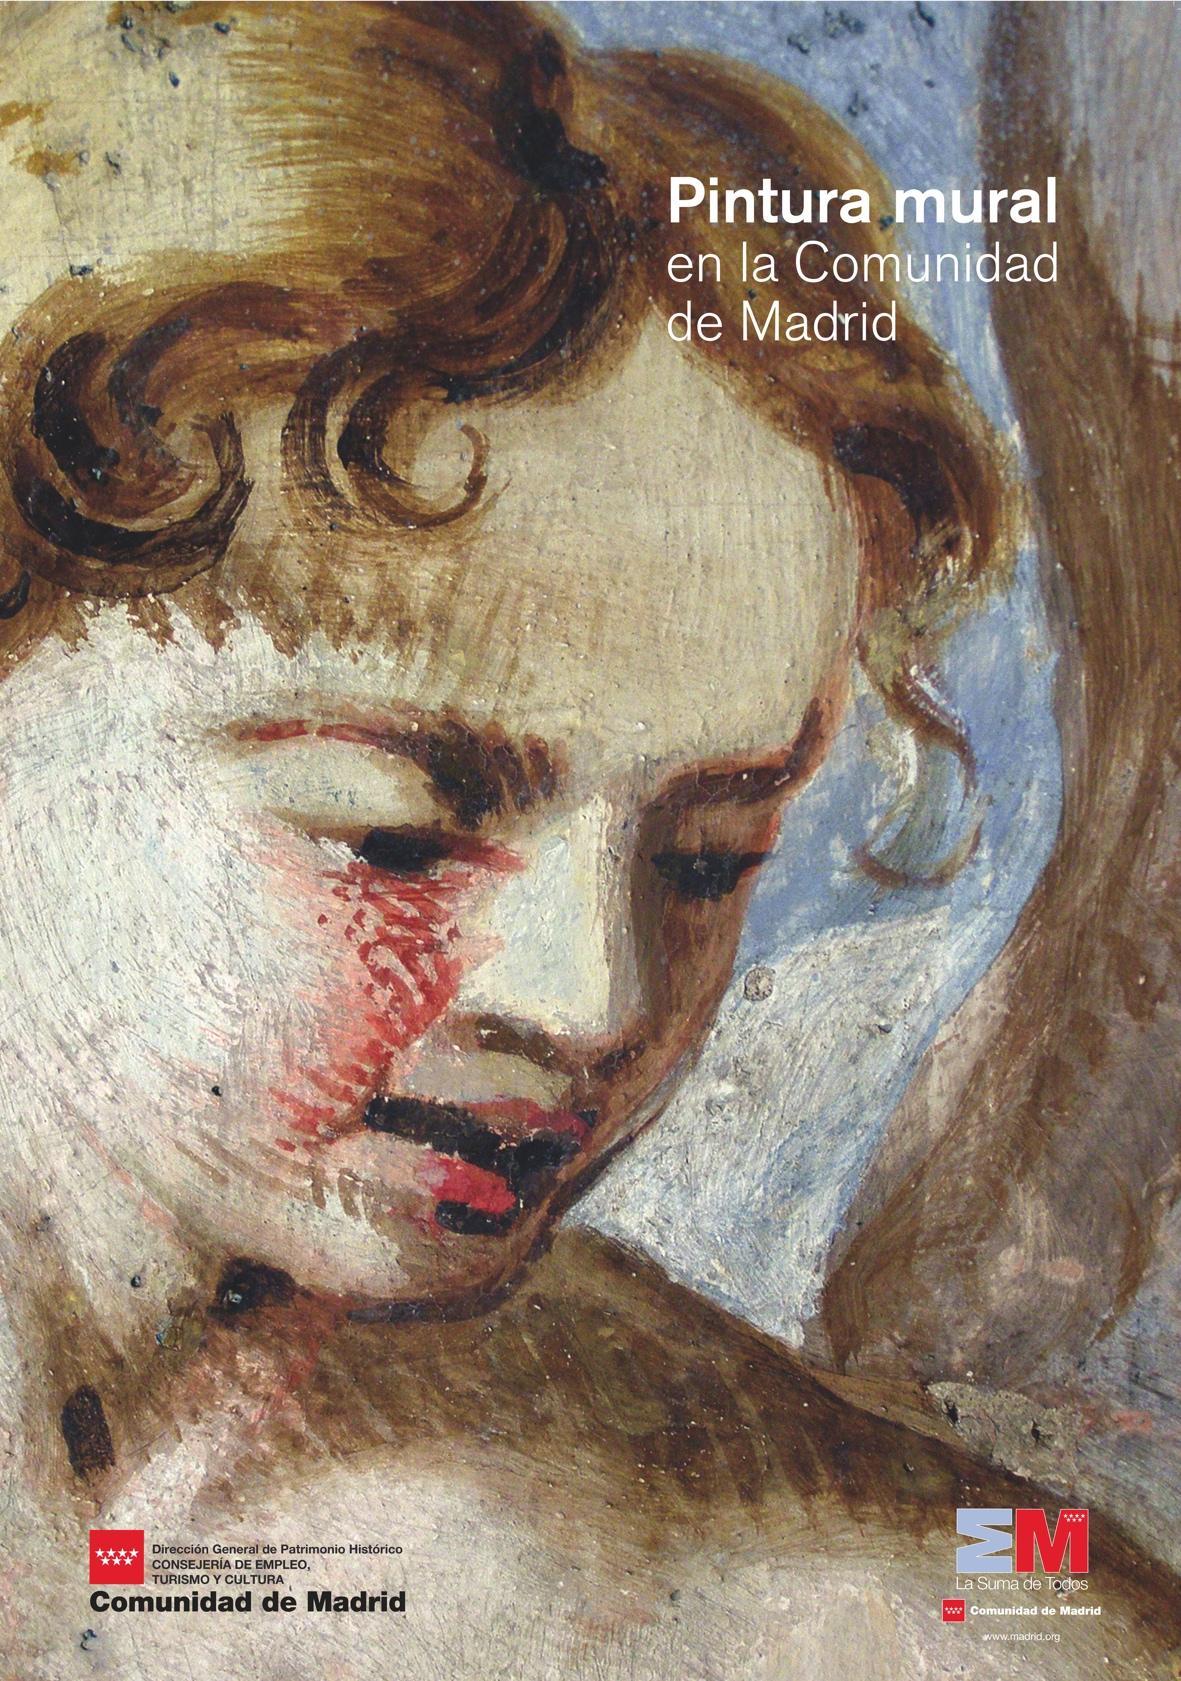 Pintura mural en la Comunidad de Madrid